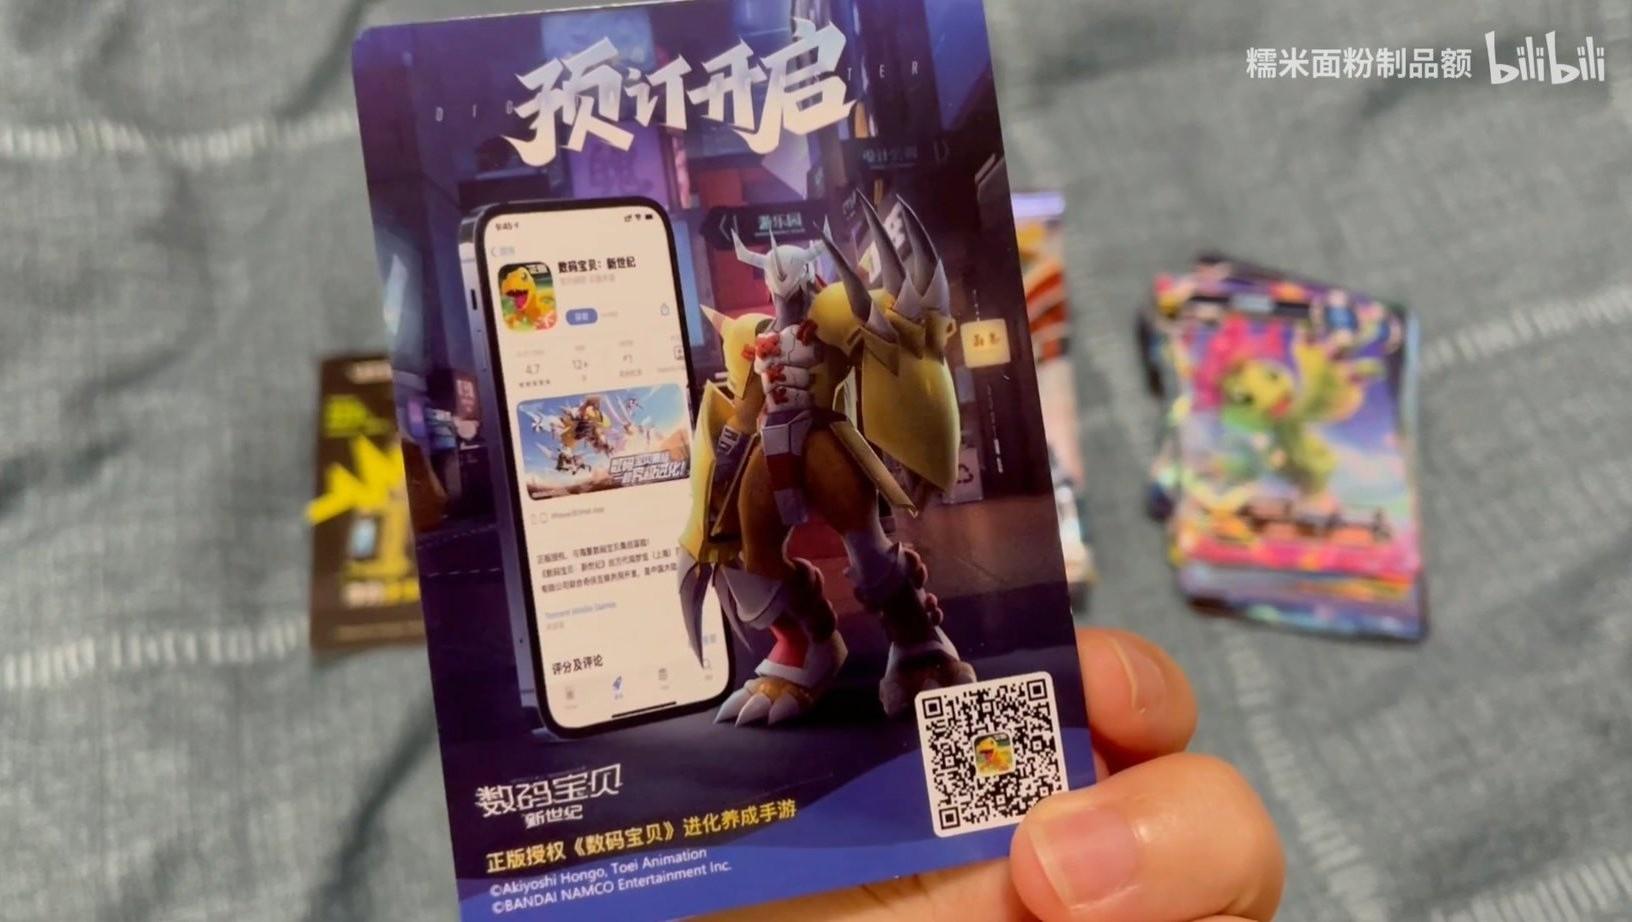 chinesecards09_september25_2021.jpg